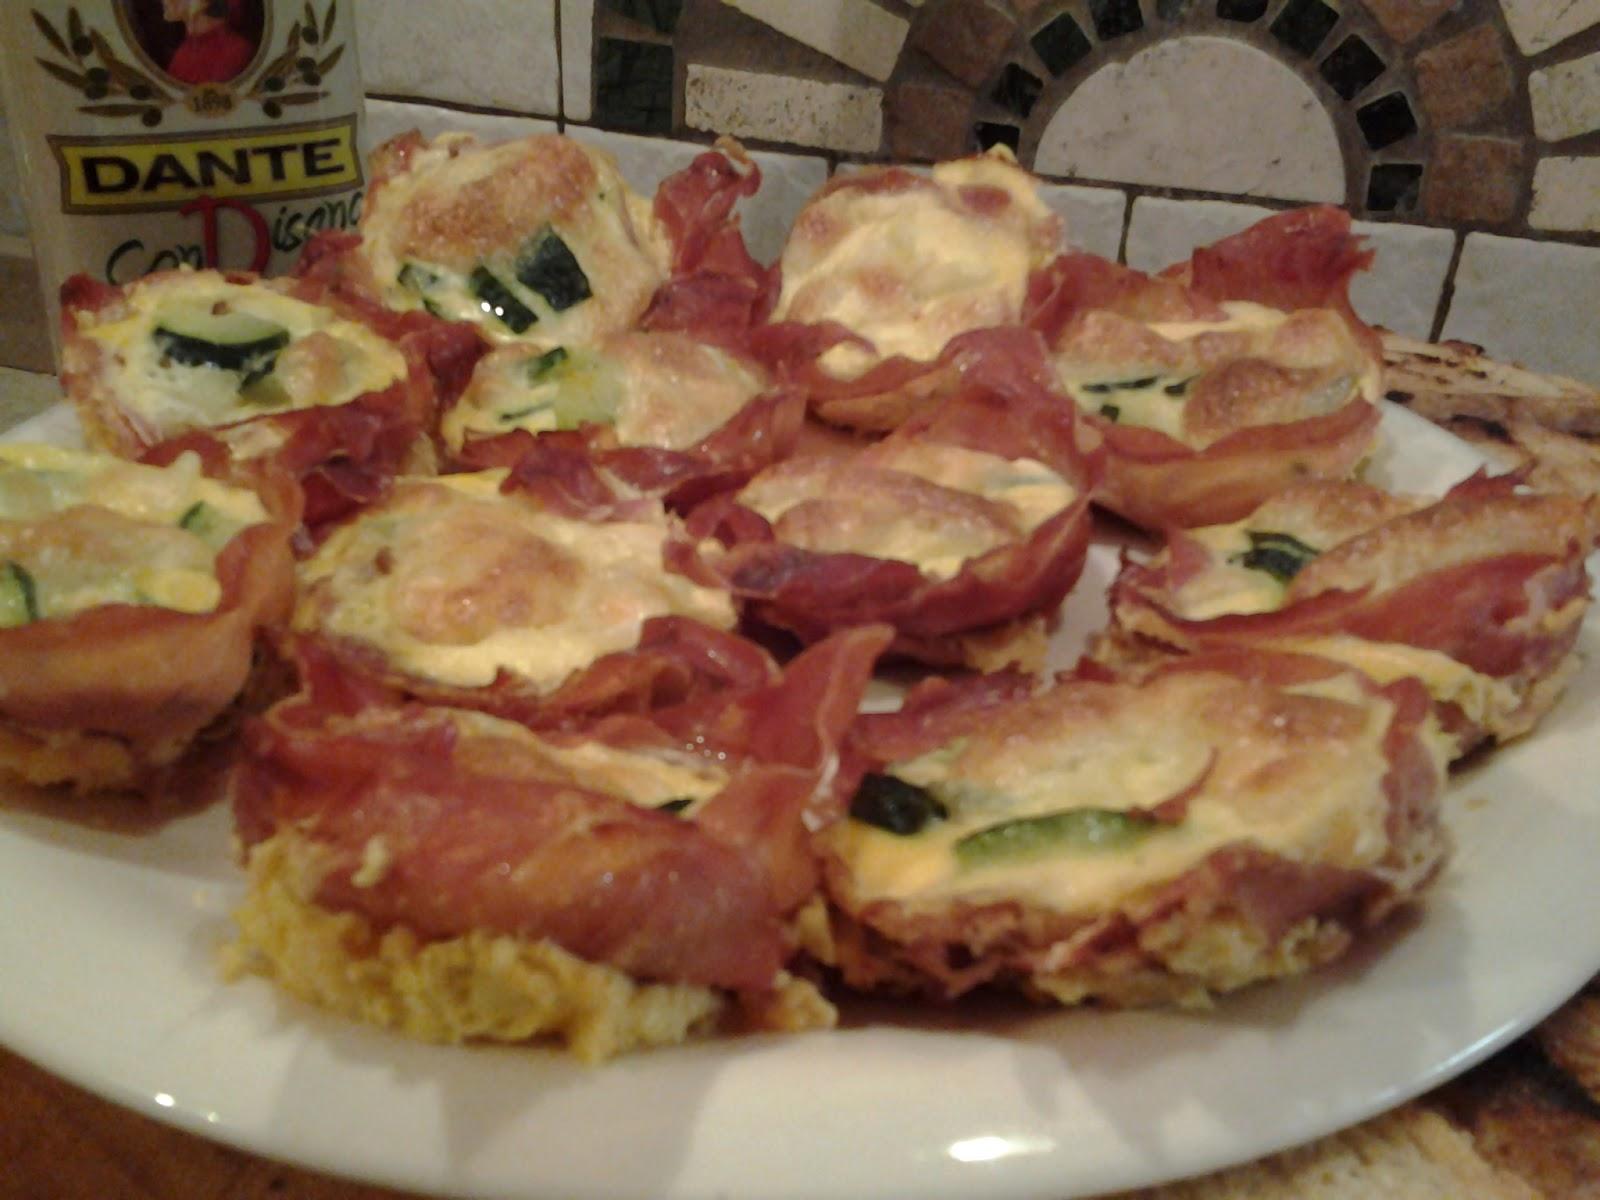 simo's cooking: cestini di prosciutto con frittatine di porri e ... - Cena Con Amici Cosa Cucinare